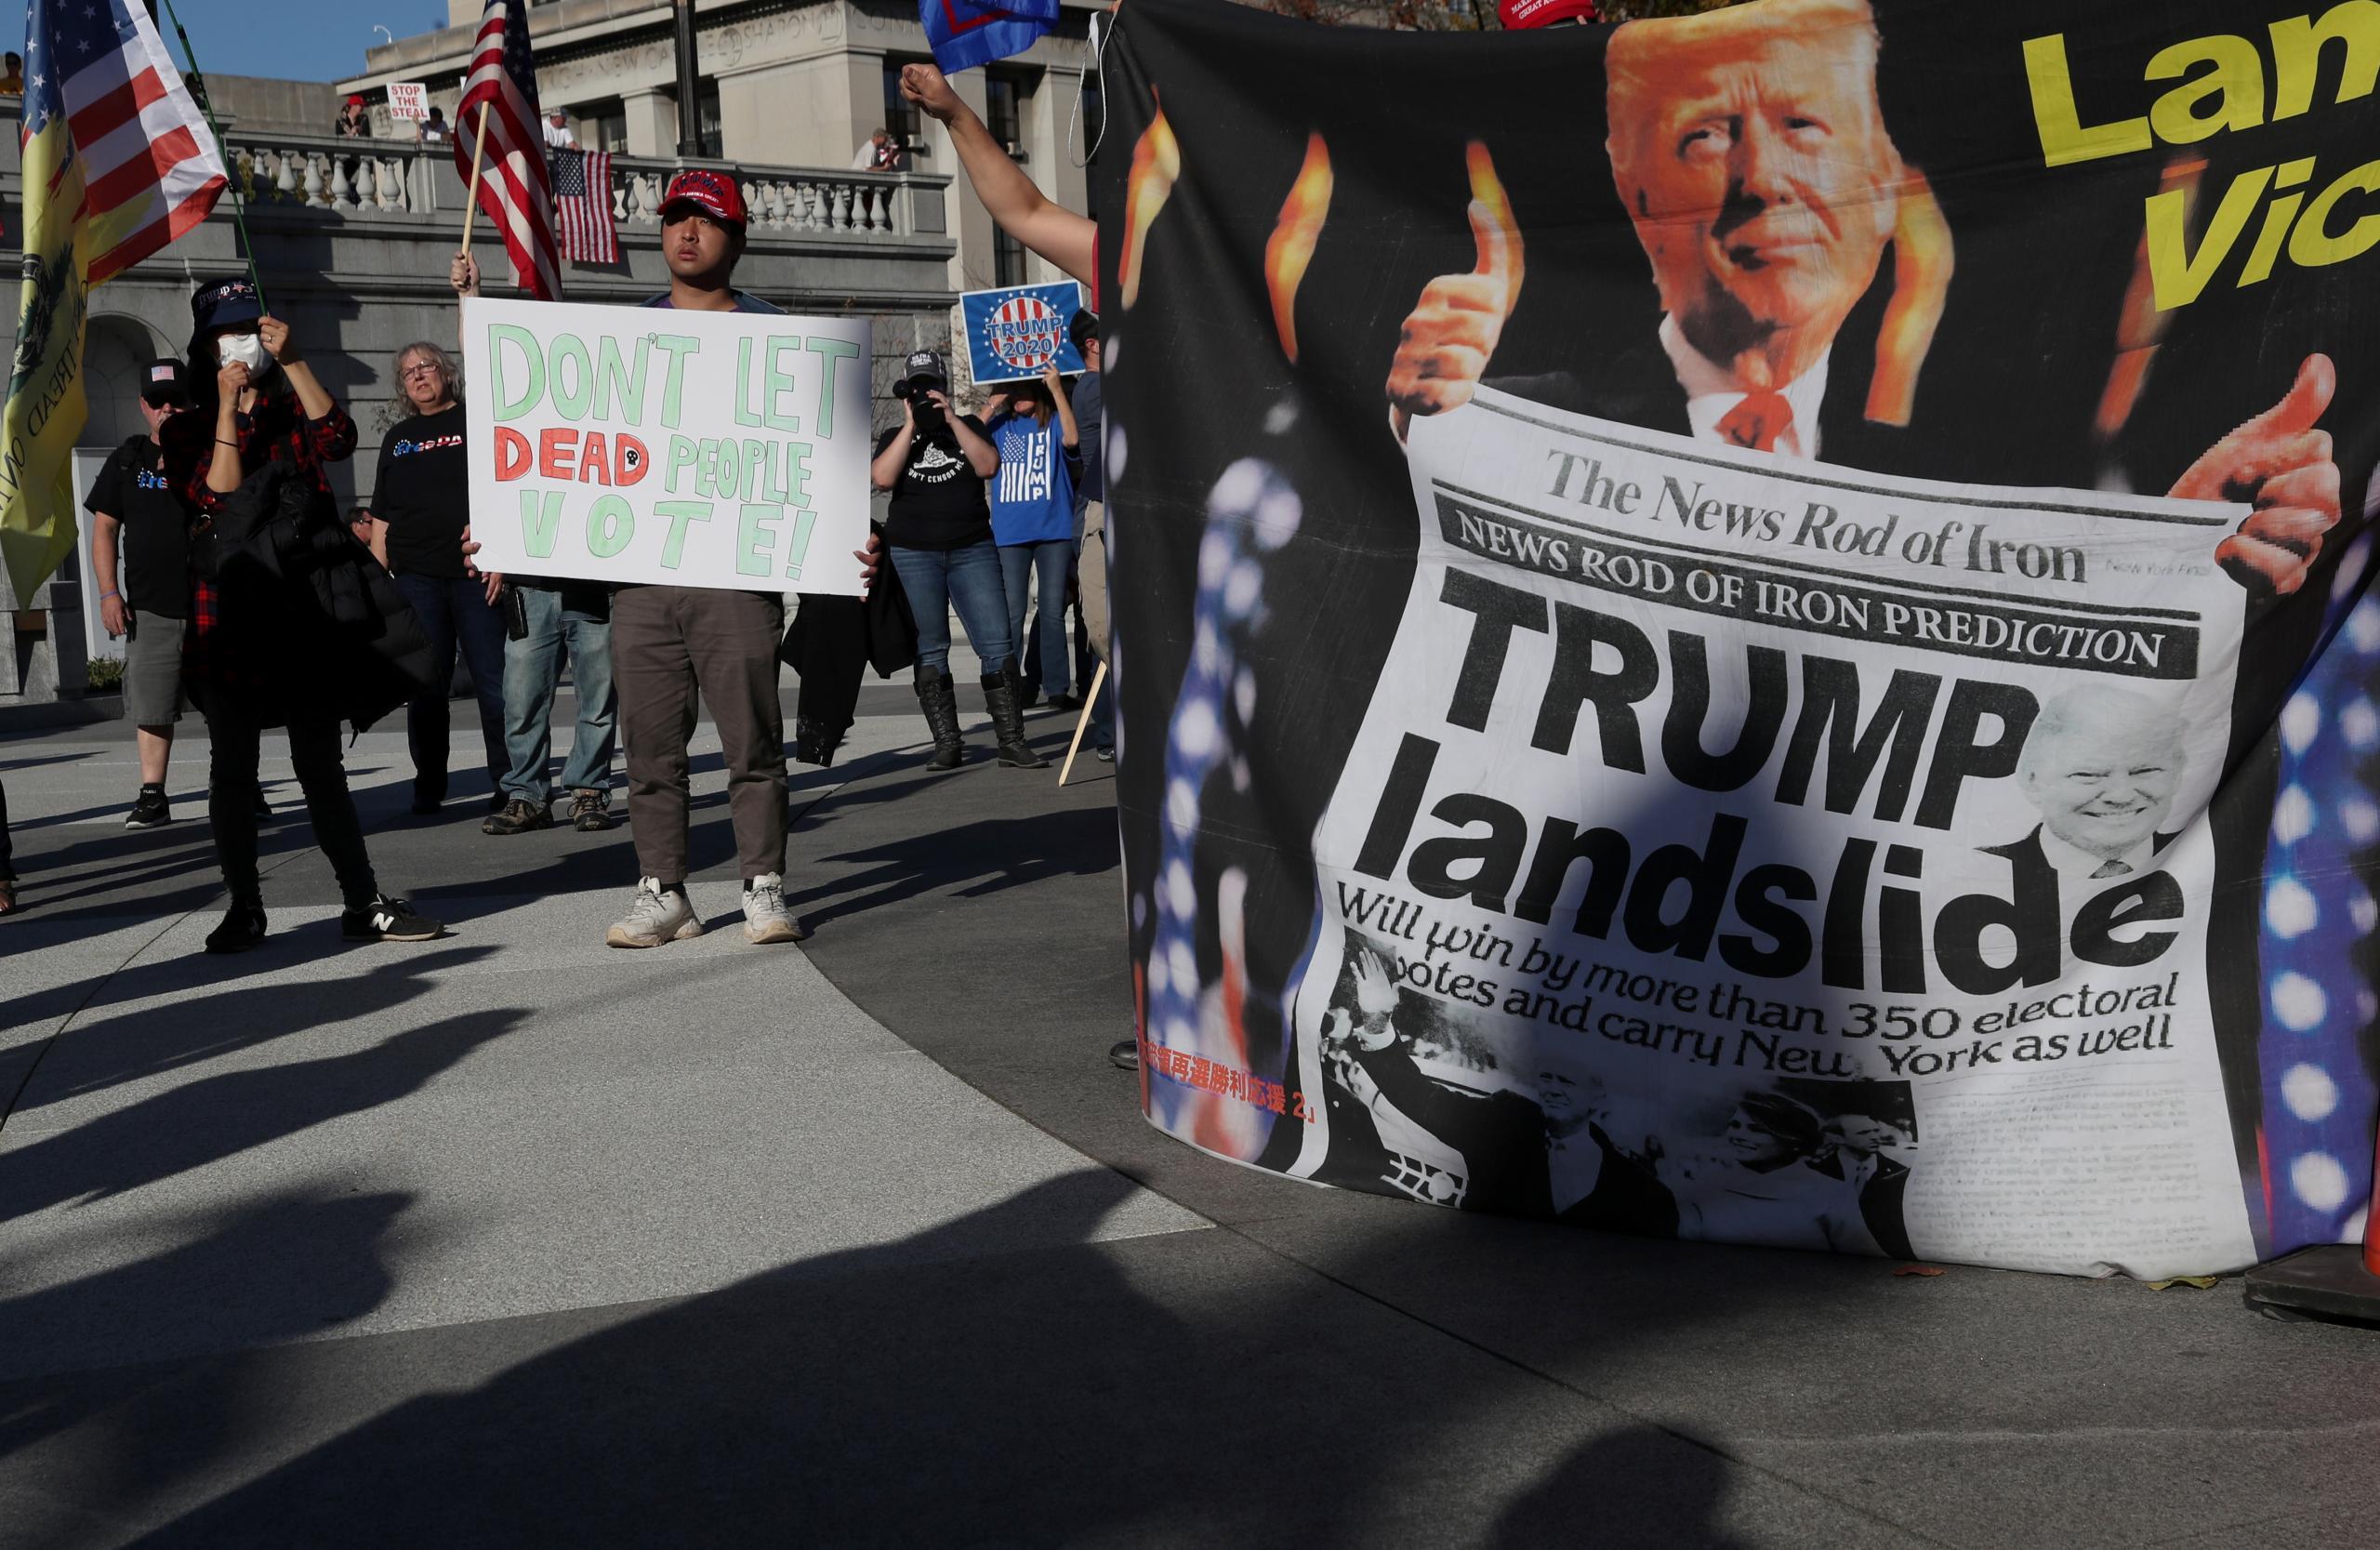 مظاهرة مؤيدة للرئيس الأميركي دونالد ترامب